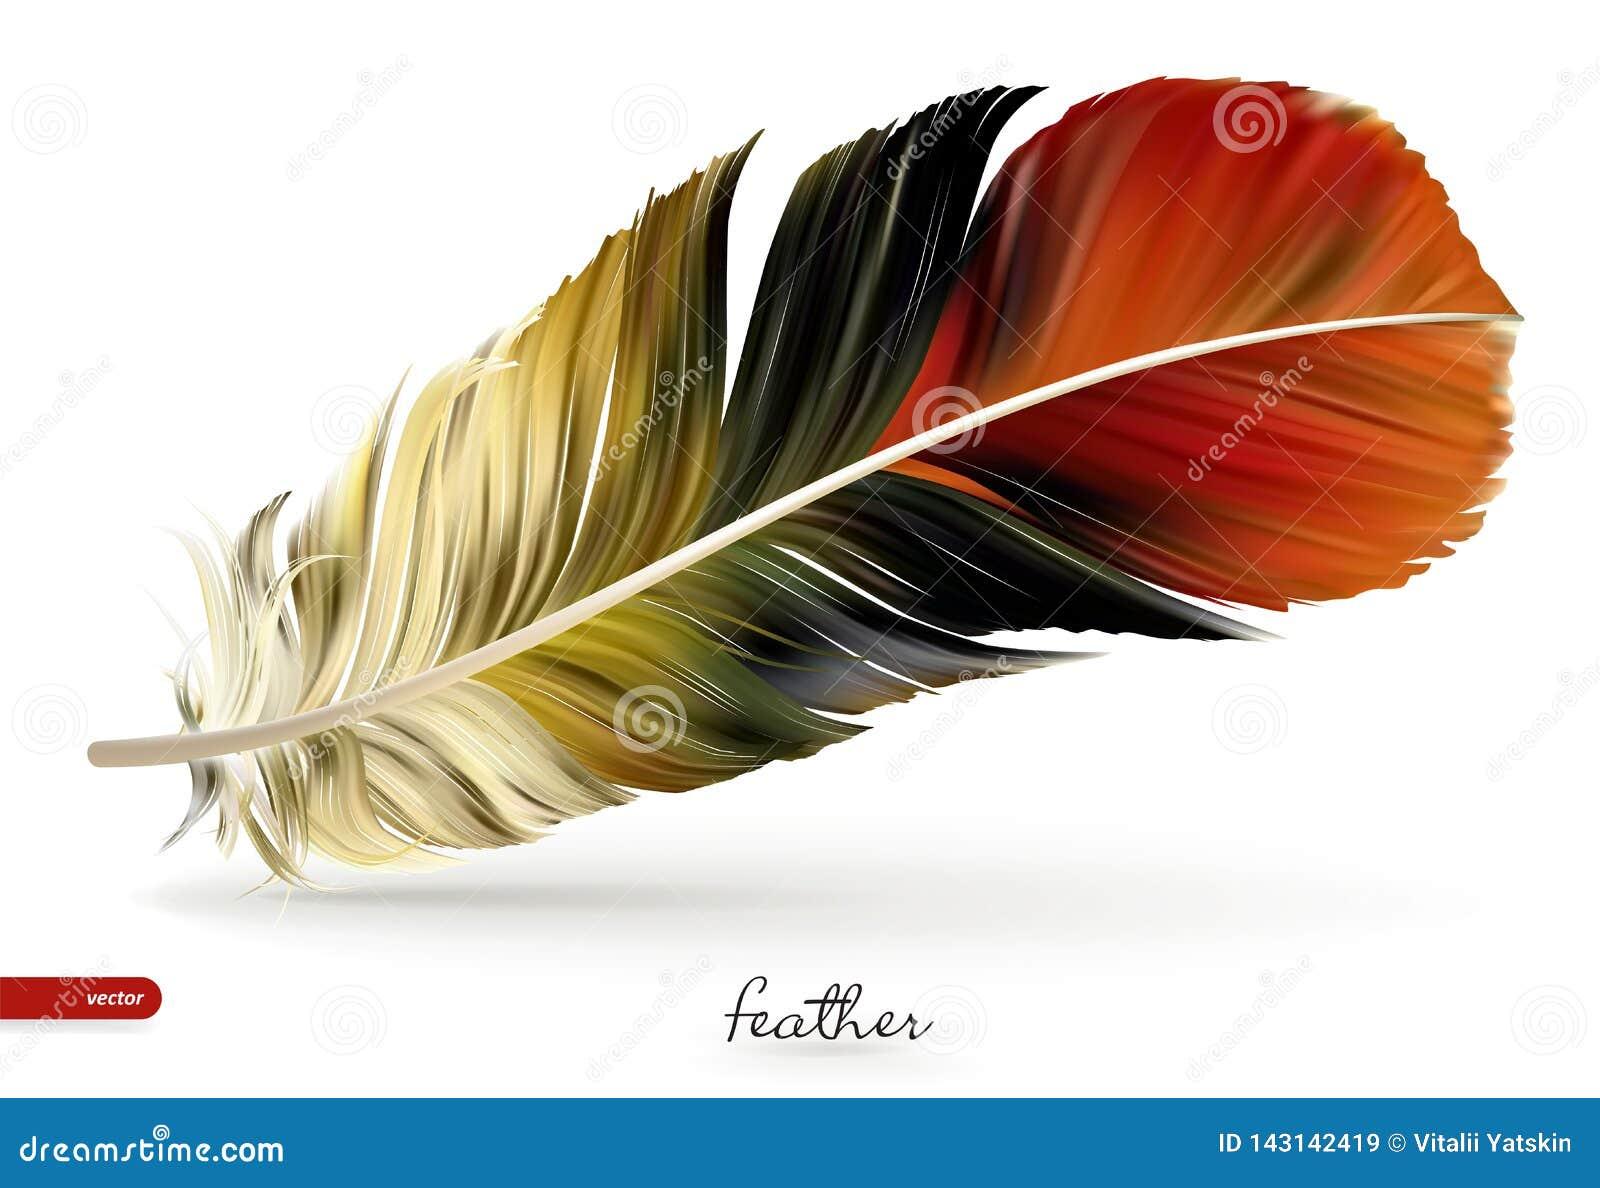 Realistische Federn - Illustration Auf weißem Hintergrund